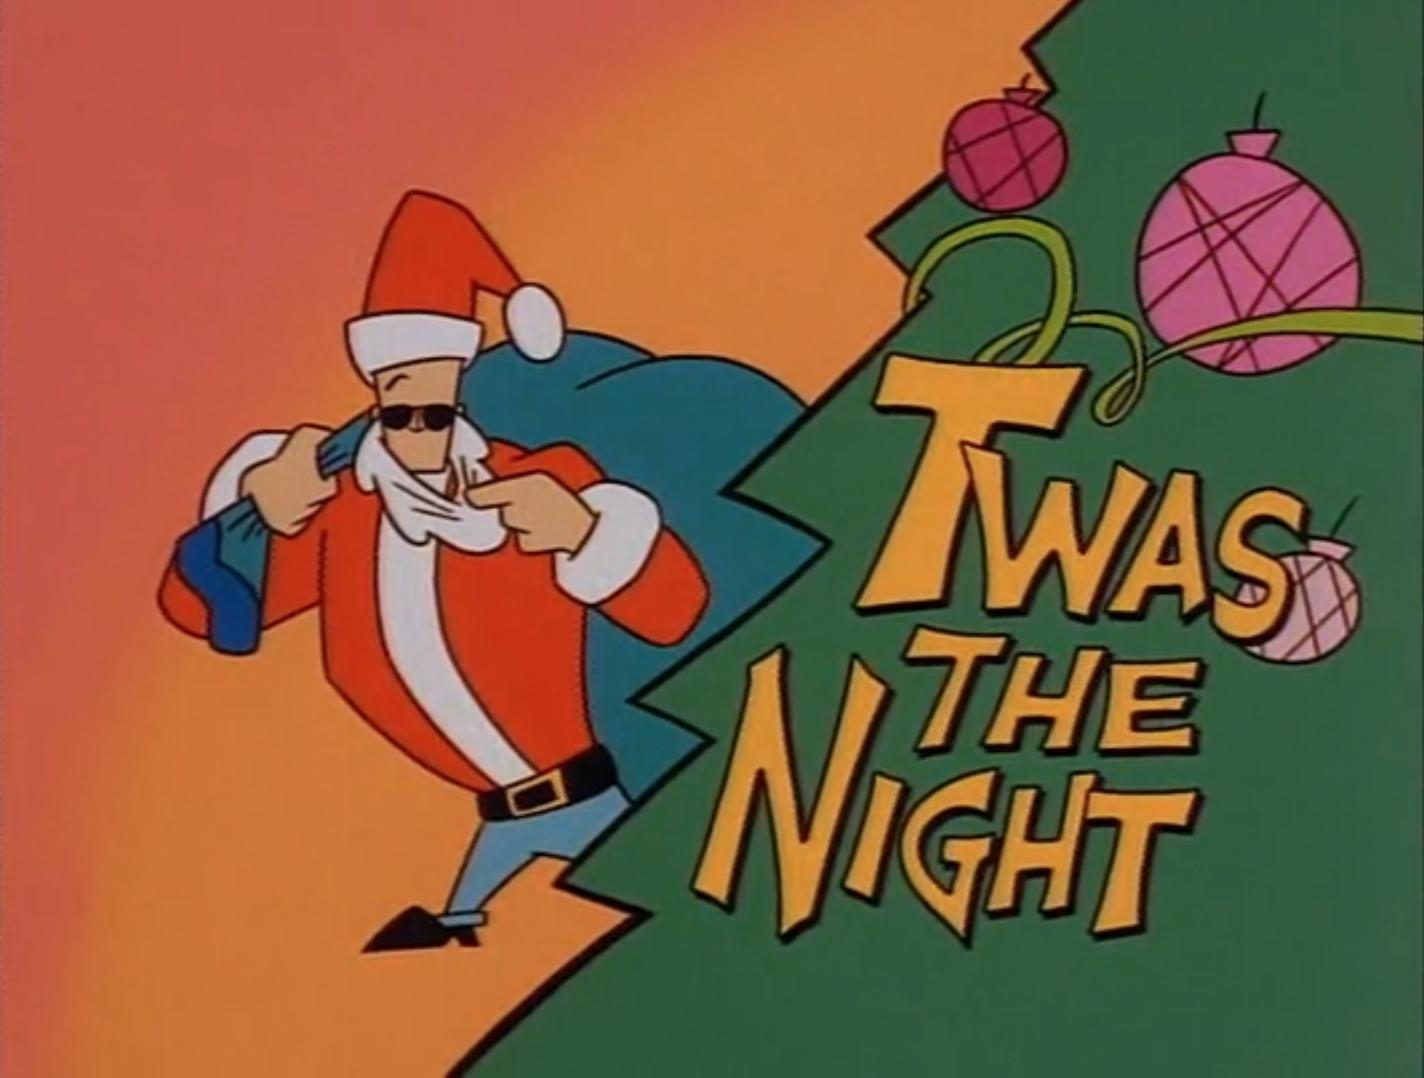 Twas the Night | Johnny Bravo Wiki | FANDOM powered by Wikia